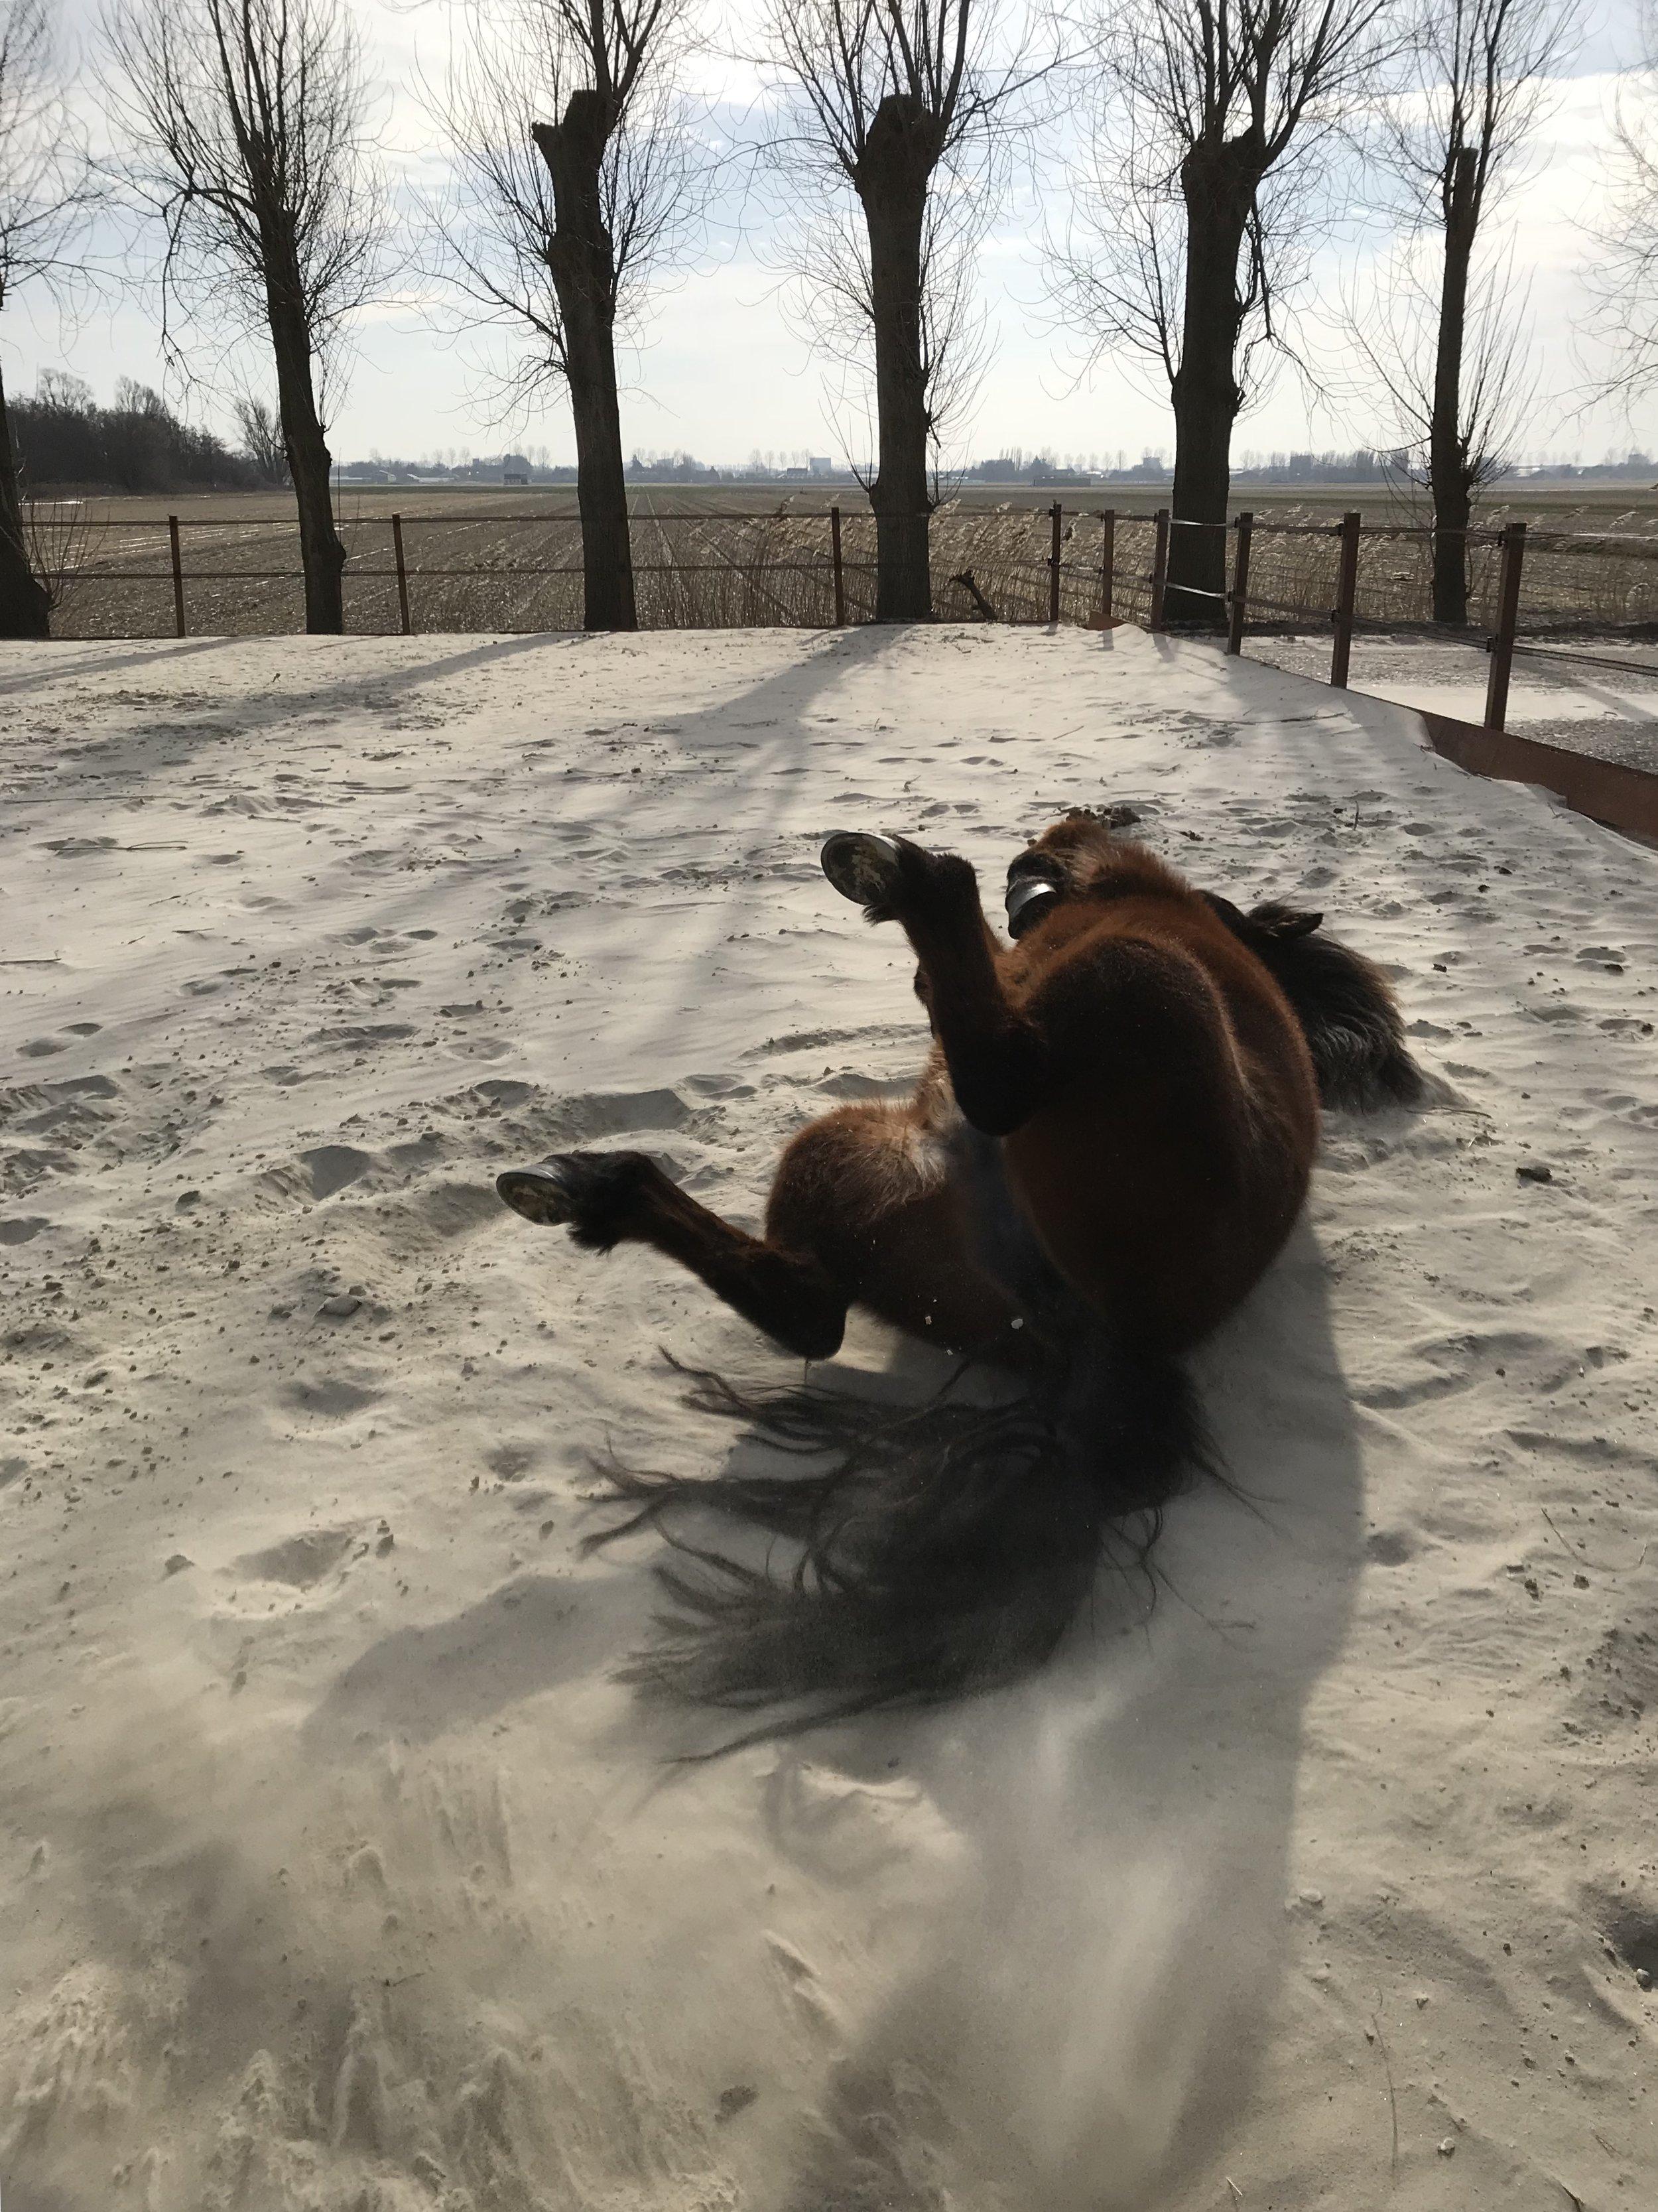 jouw lichaamstaal - Paarden zijn constant alert op signalen en observeren hun omgeving nauwkeurig. Ze nemen zowel bewust als onbewust gedrag waar.Zo reageren ze bijvoorbeeld op angst, enthousiasme, spanning of verdriet. Als jouw gedrag niet overeenkomt met wat je voelt en denkt zal een paard dit als verwarrend ervaren en hierop reageren.Het zijn deze kwaliteiten die een coachsessie met paarden zo waardevol maakt.